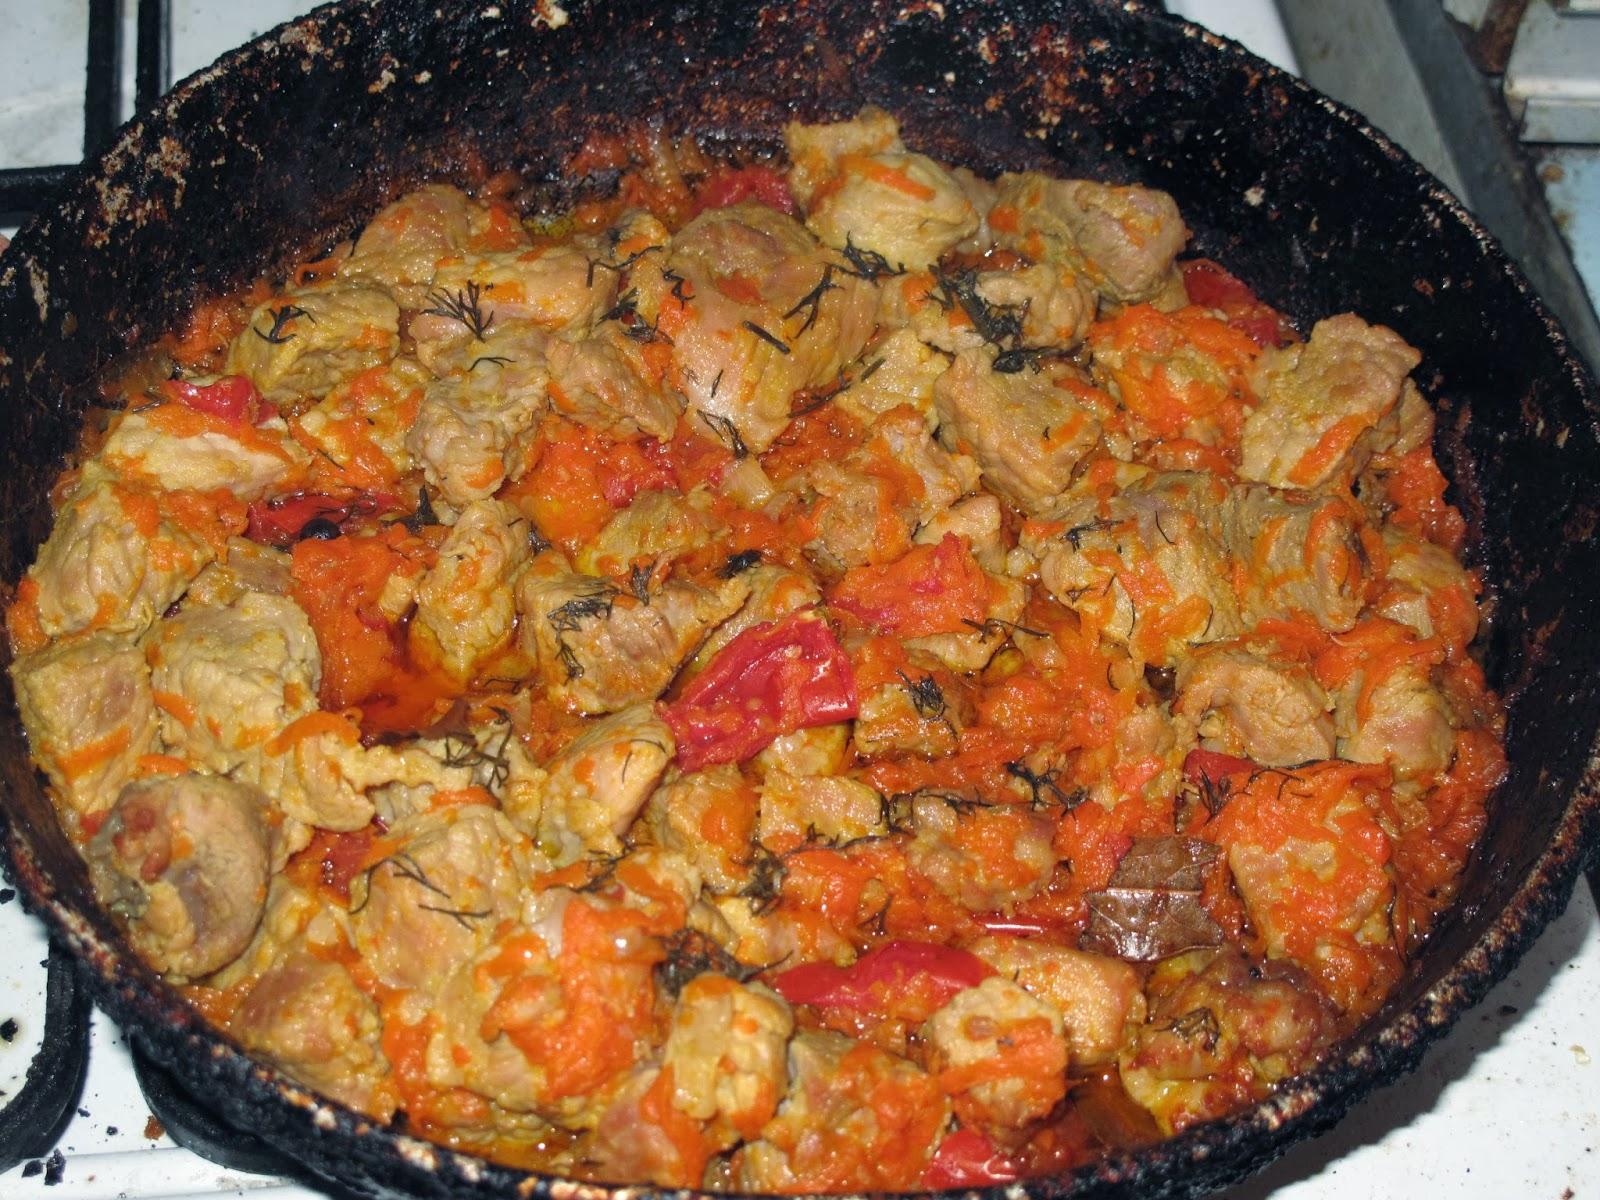 Рецепт тушеных кабачков с овощами на сковороде пошагово в